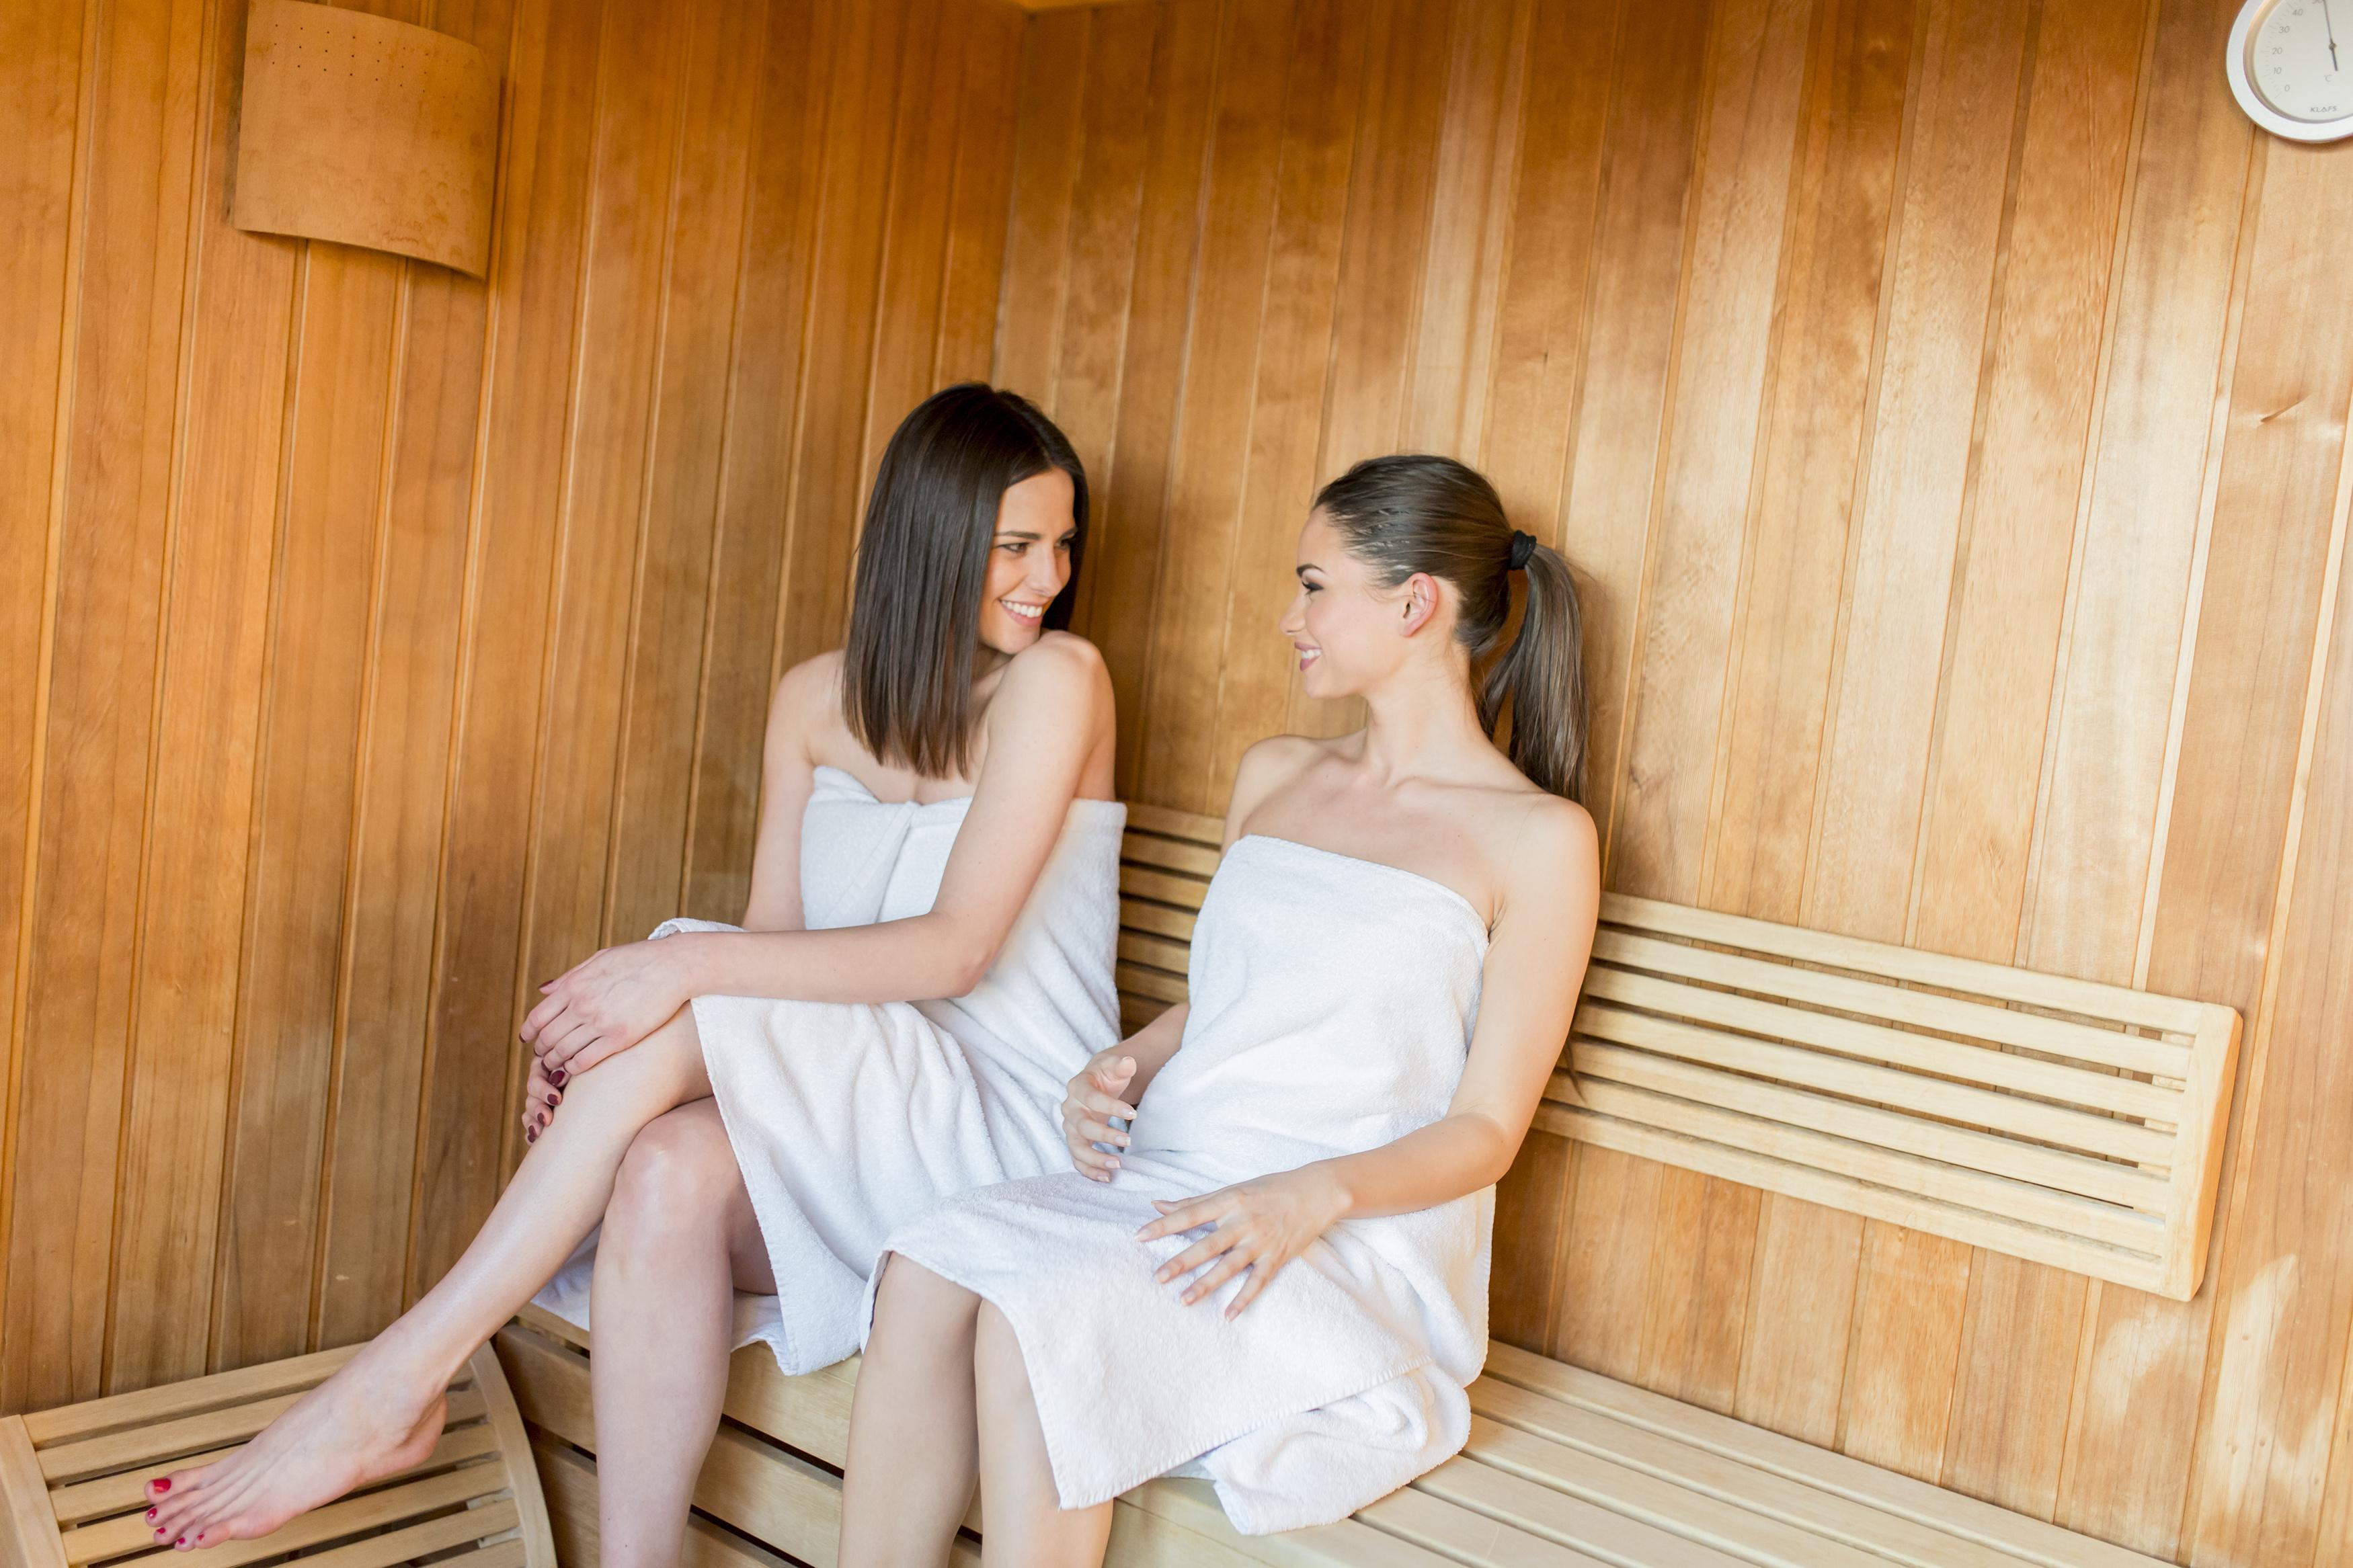 Русская женщина в бане фото, Жена в бане. Фото русских голых жен в сауне сделанное 13 фотография